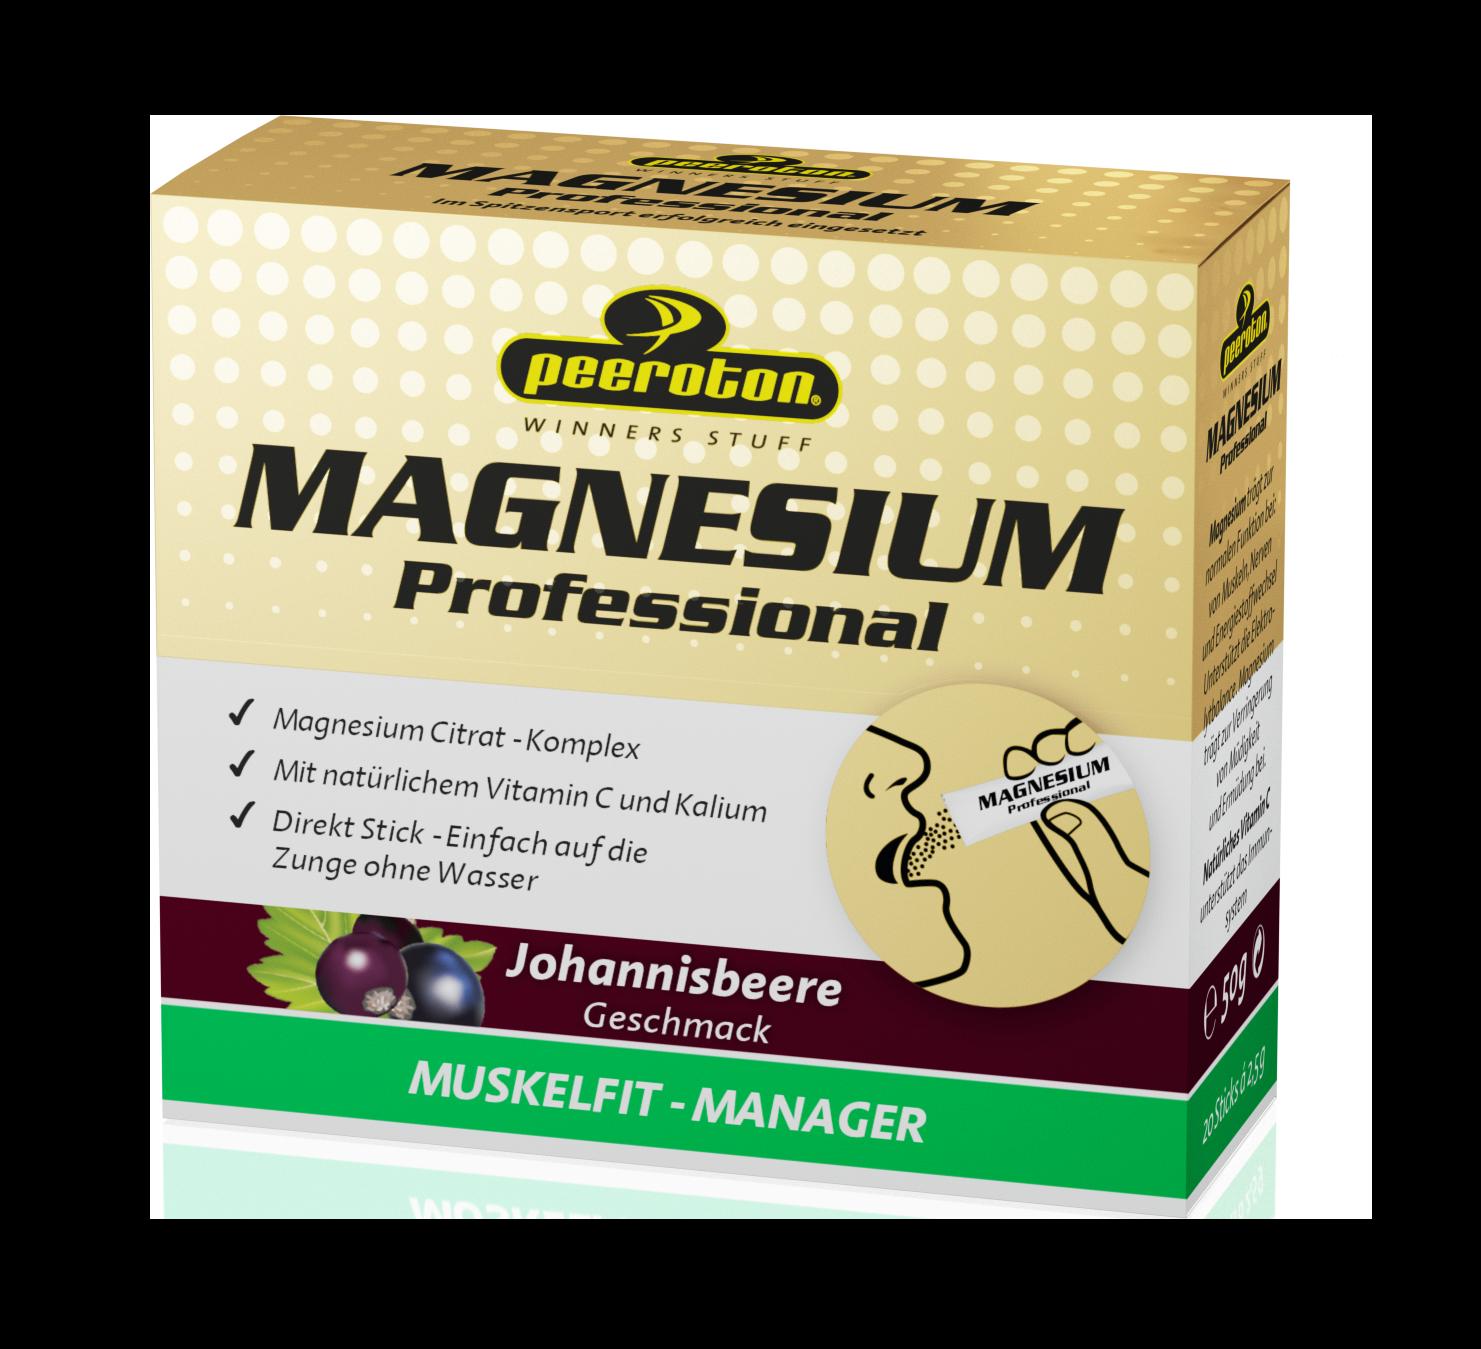 Peeroton Magnesium Sticks Johannisbeere // 20 Sticks